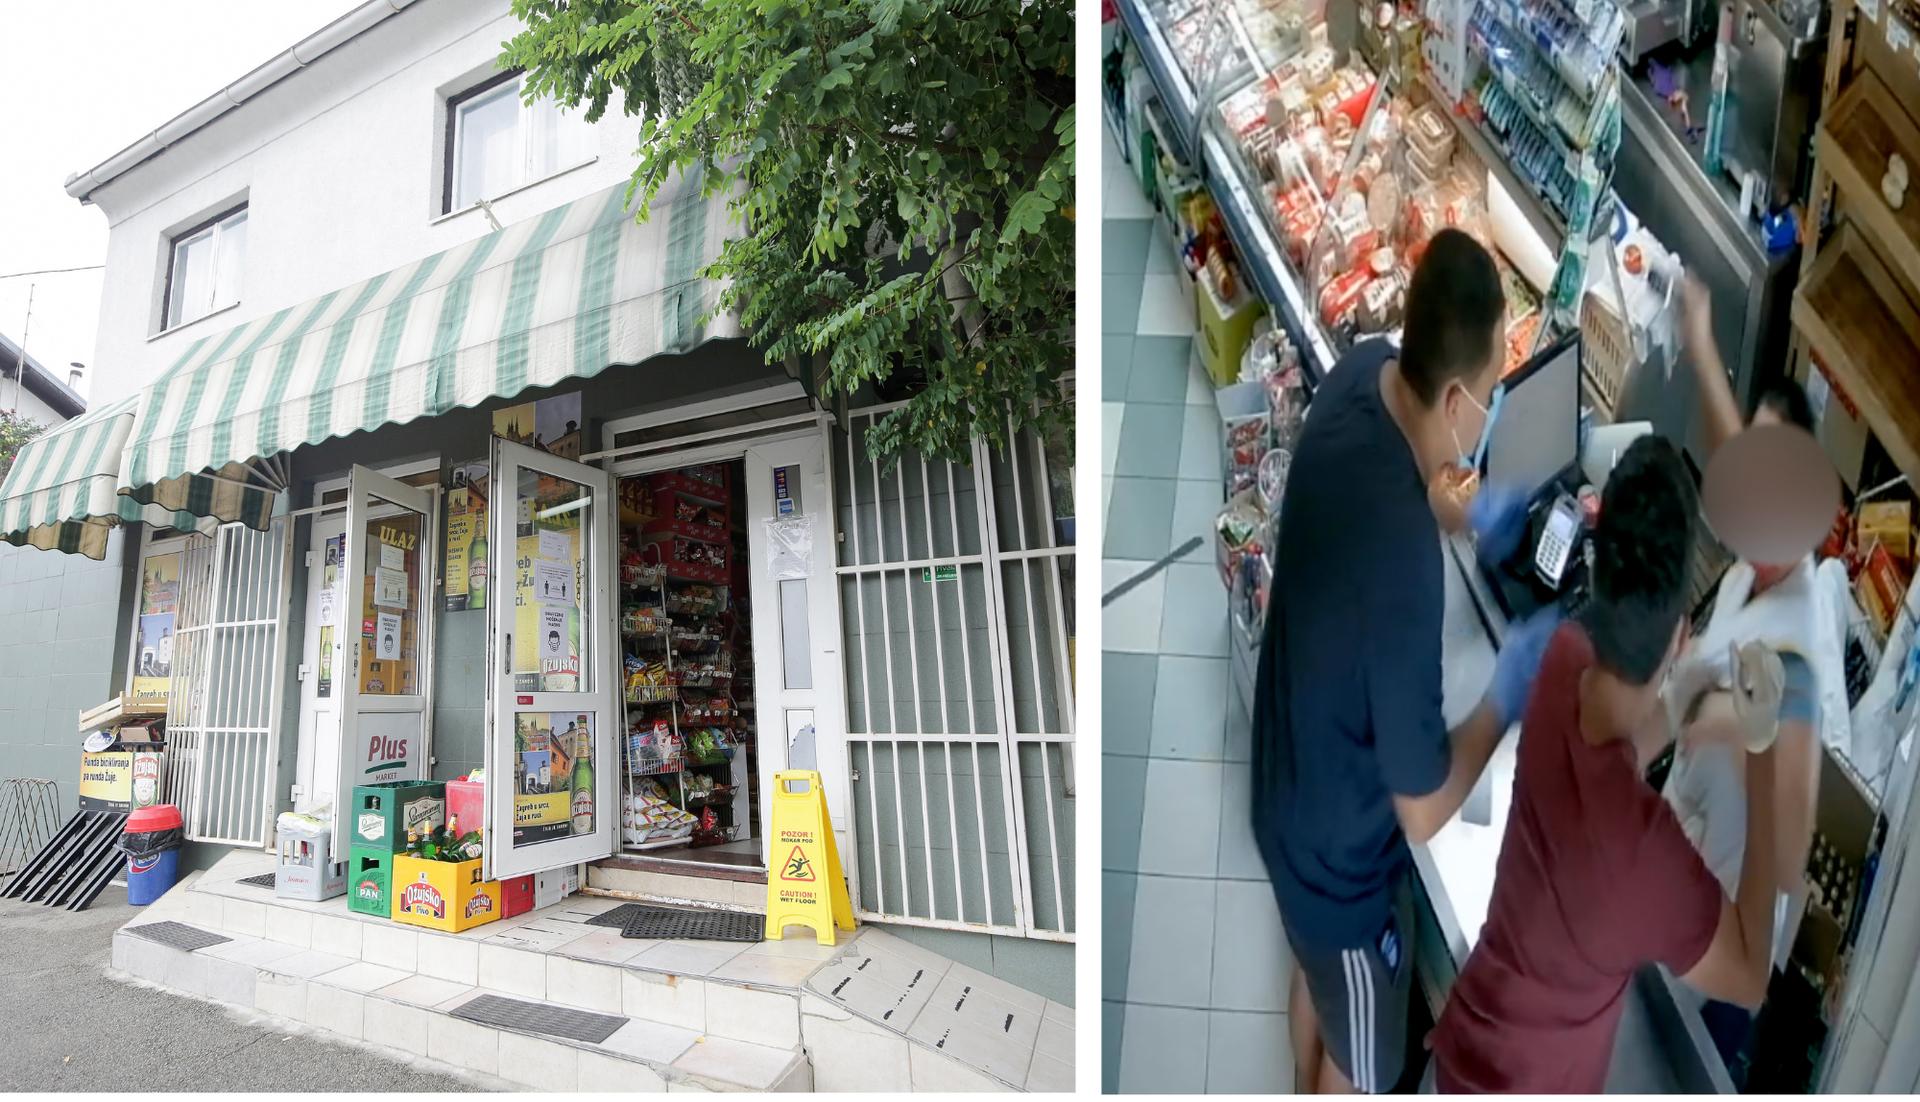 Vlasnik trgovine: 'Prodavačica je doživjela veliki šok i u bolnici je. Nije se trebala suprotstaviti'